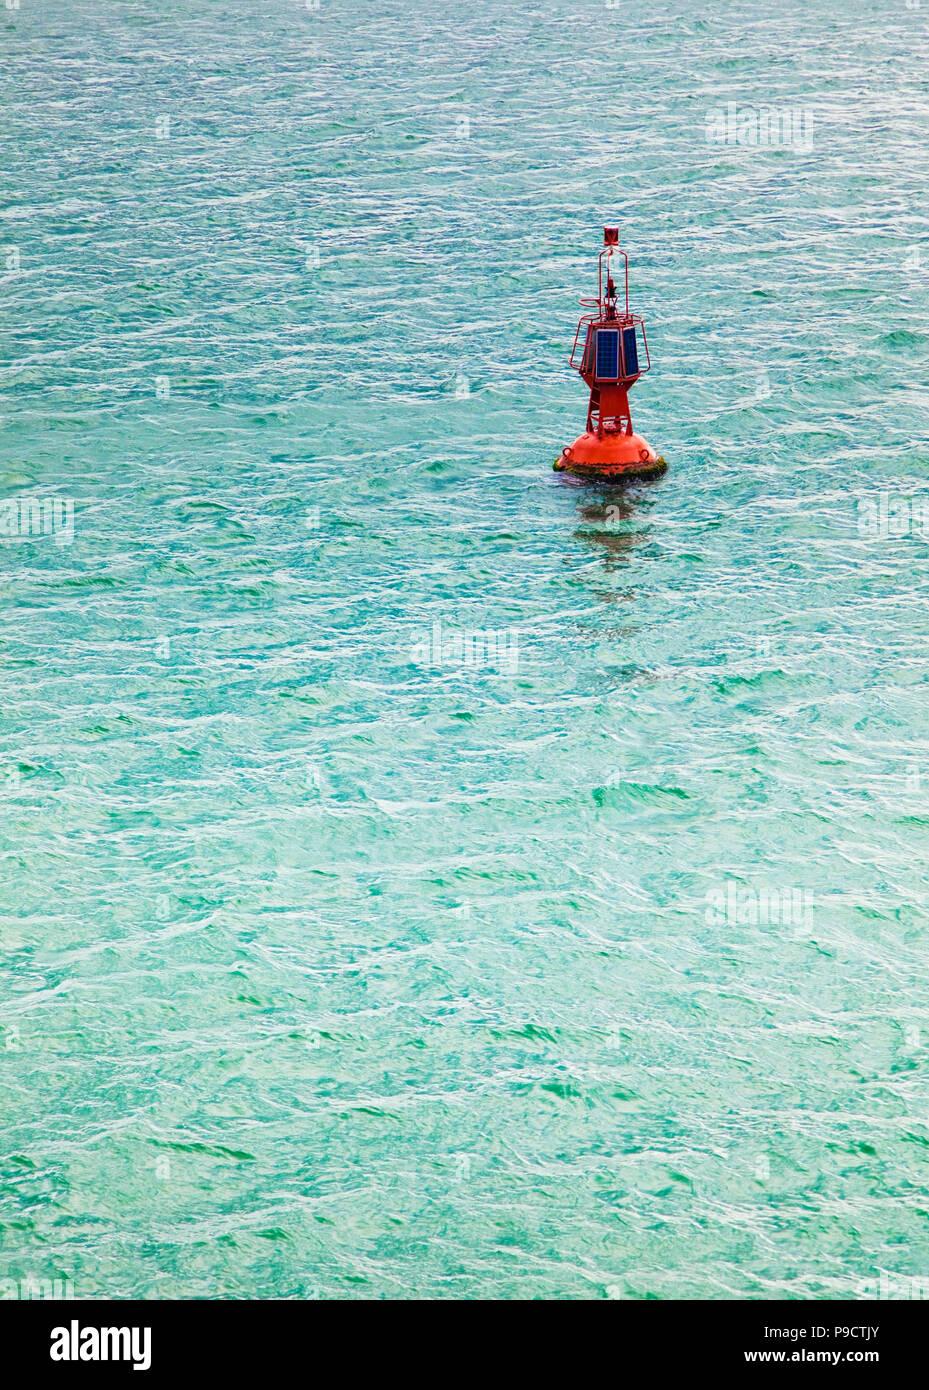 Energia solare boa di navigazione in un mare calmo, Francia, Europa Immagini Stock